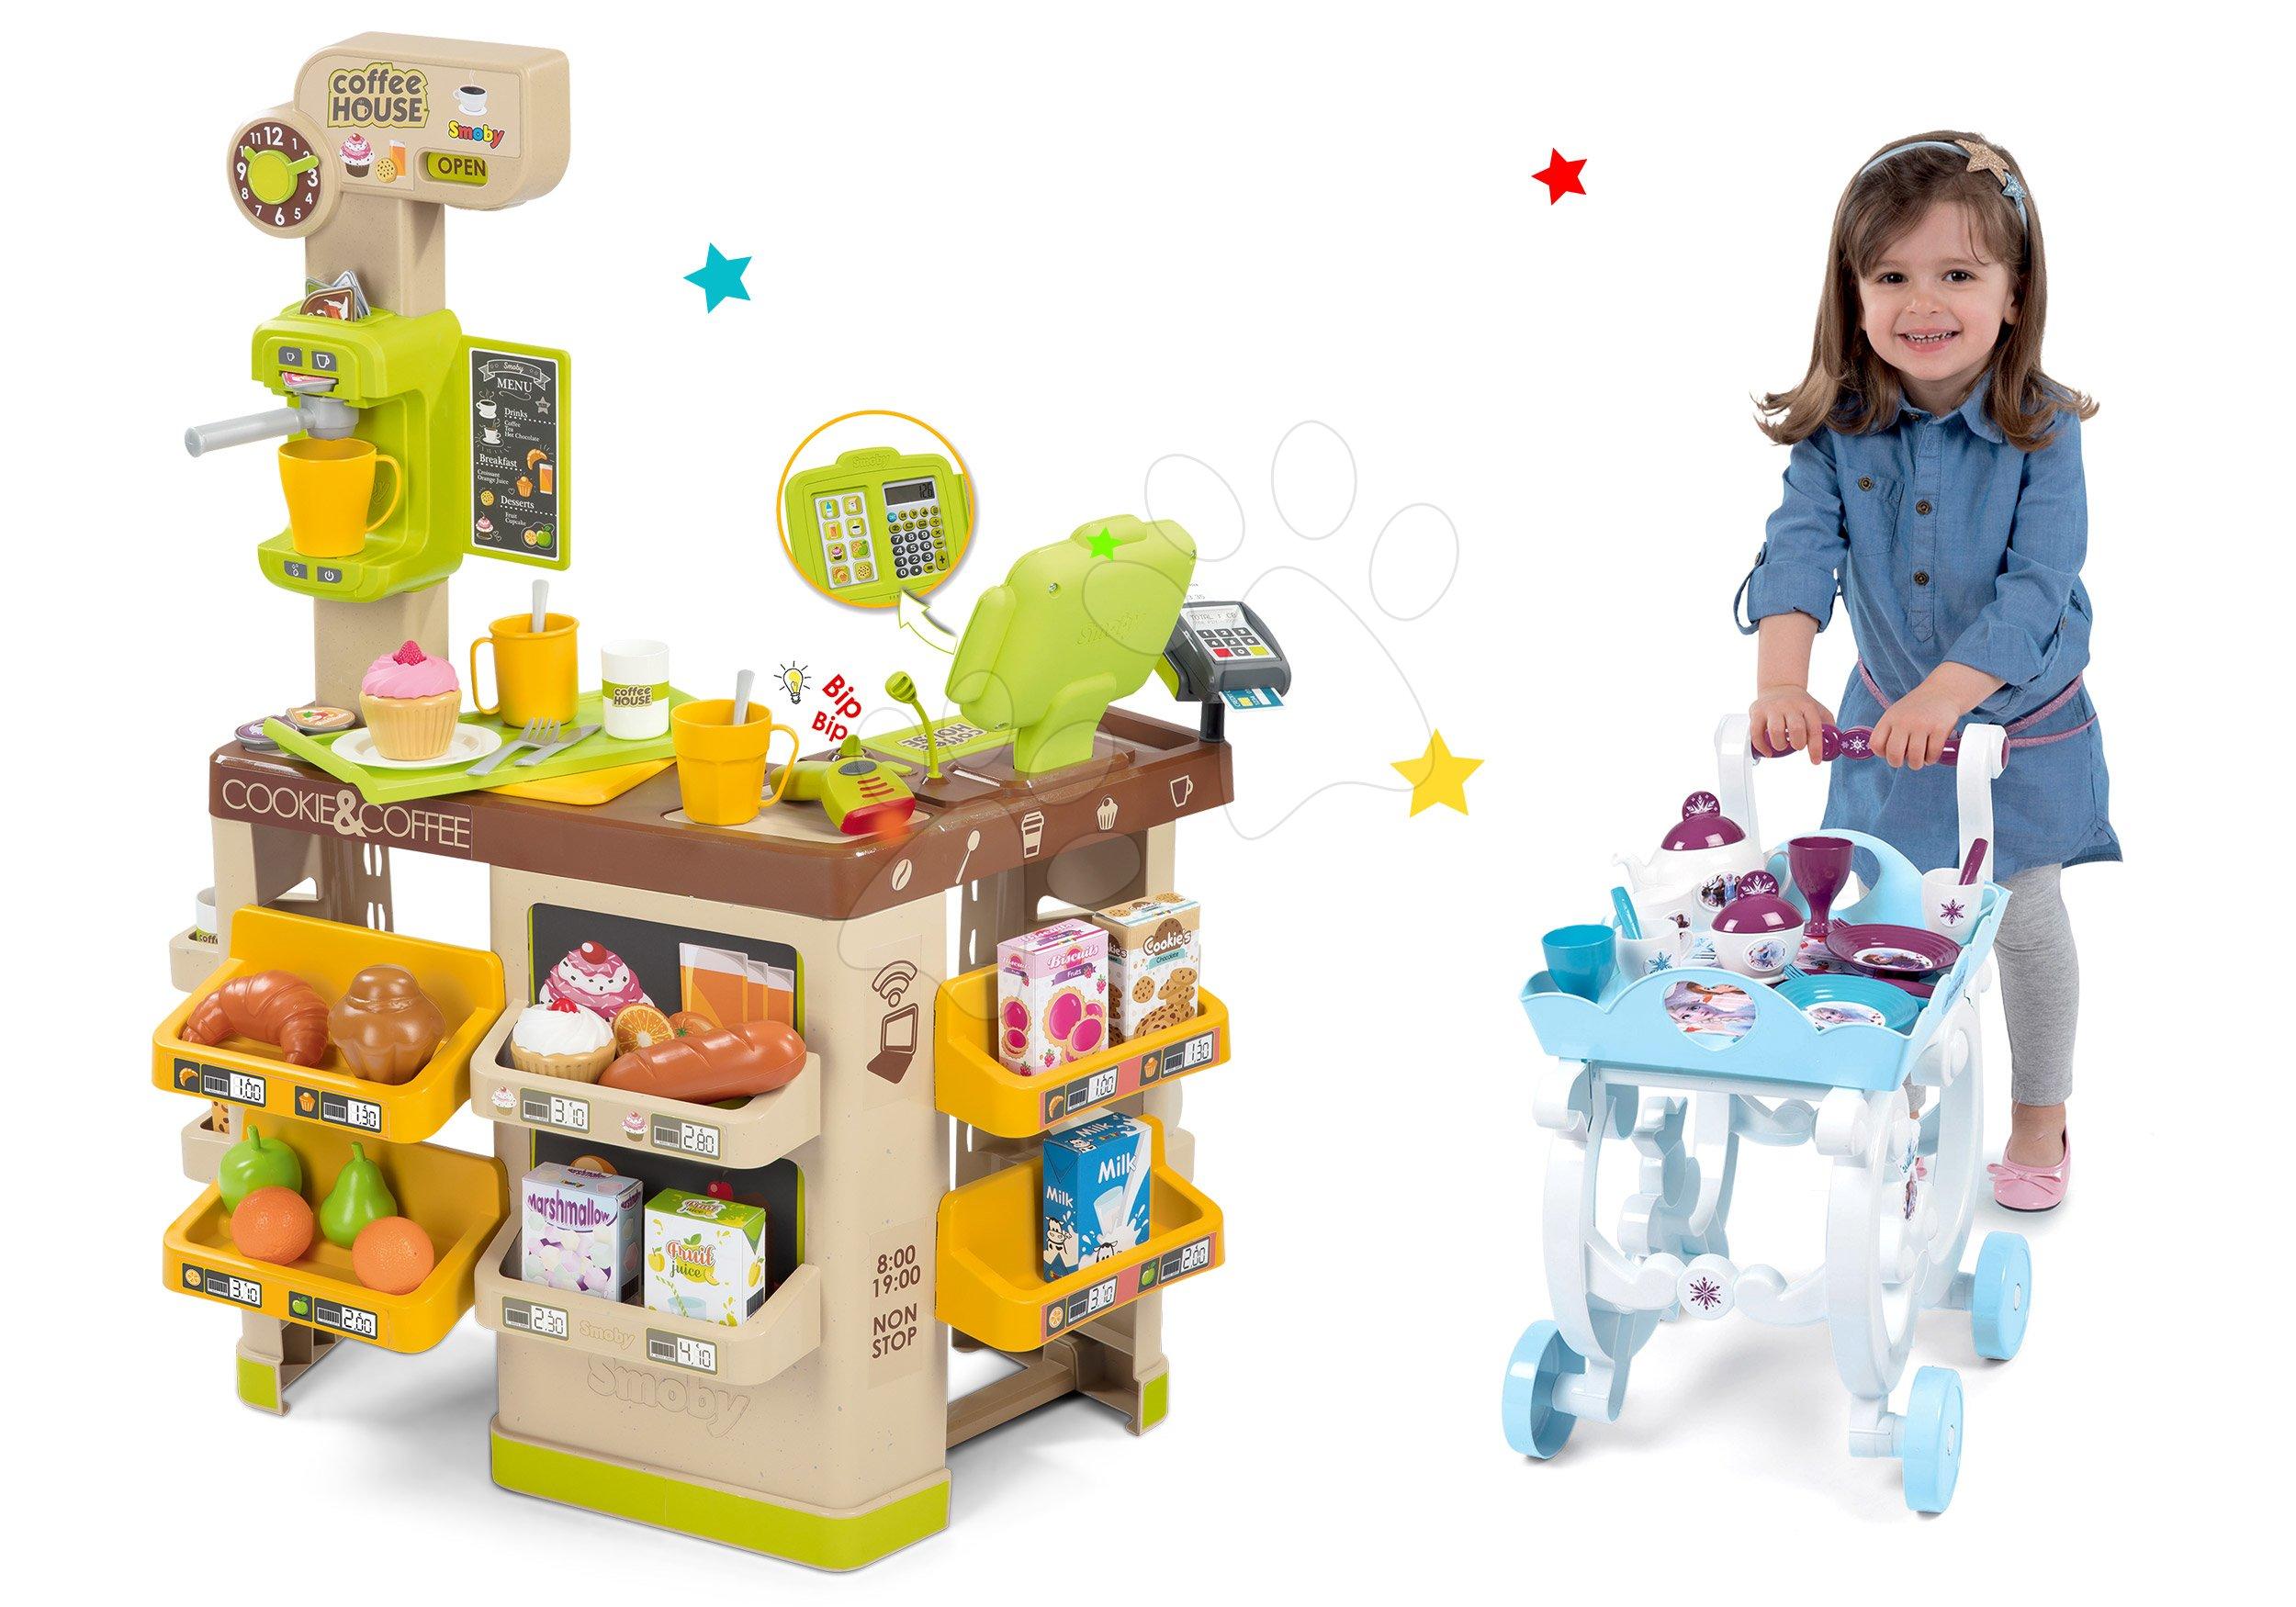 Obchody pre deti sety - Set kaviareň s Espresso kávovarom Coffee House Smoby a servírovací vozík Frozen XL Tea Trolley